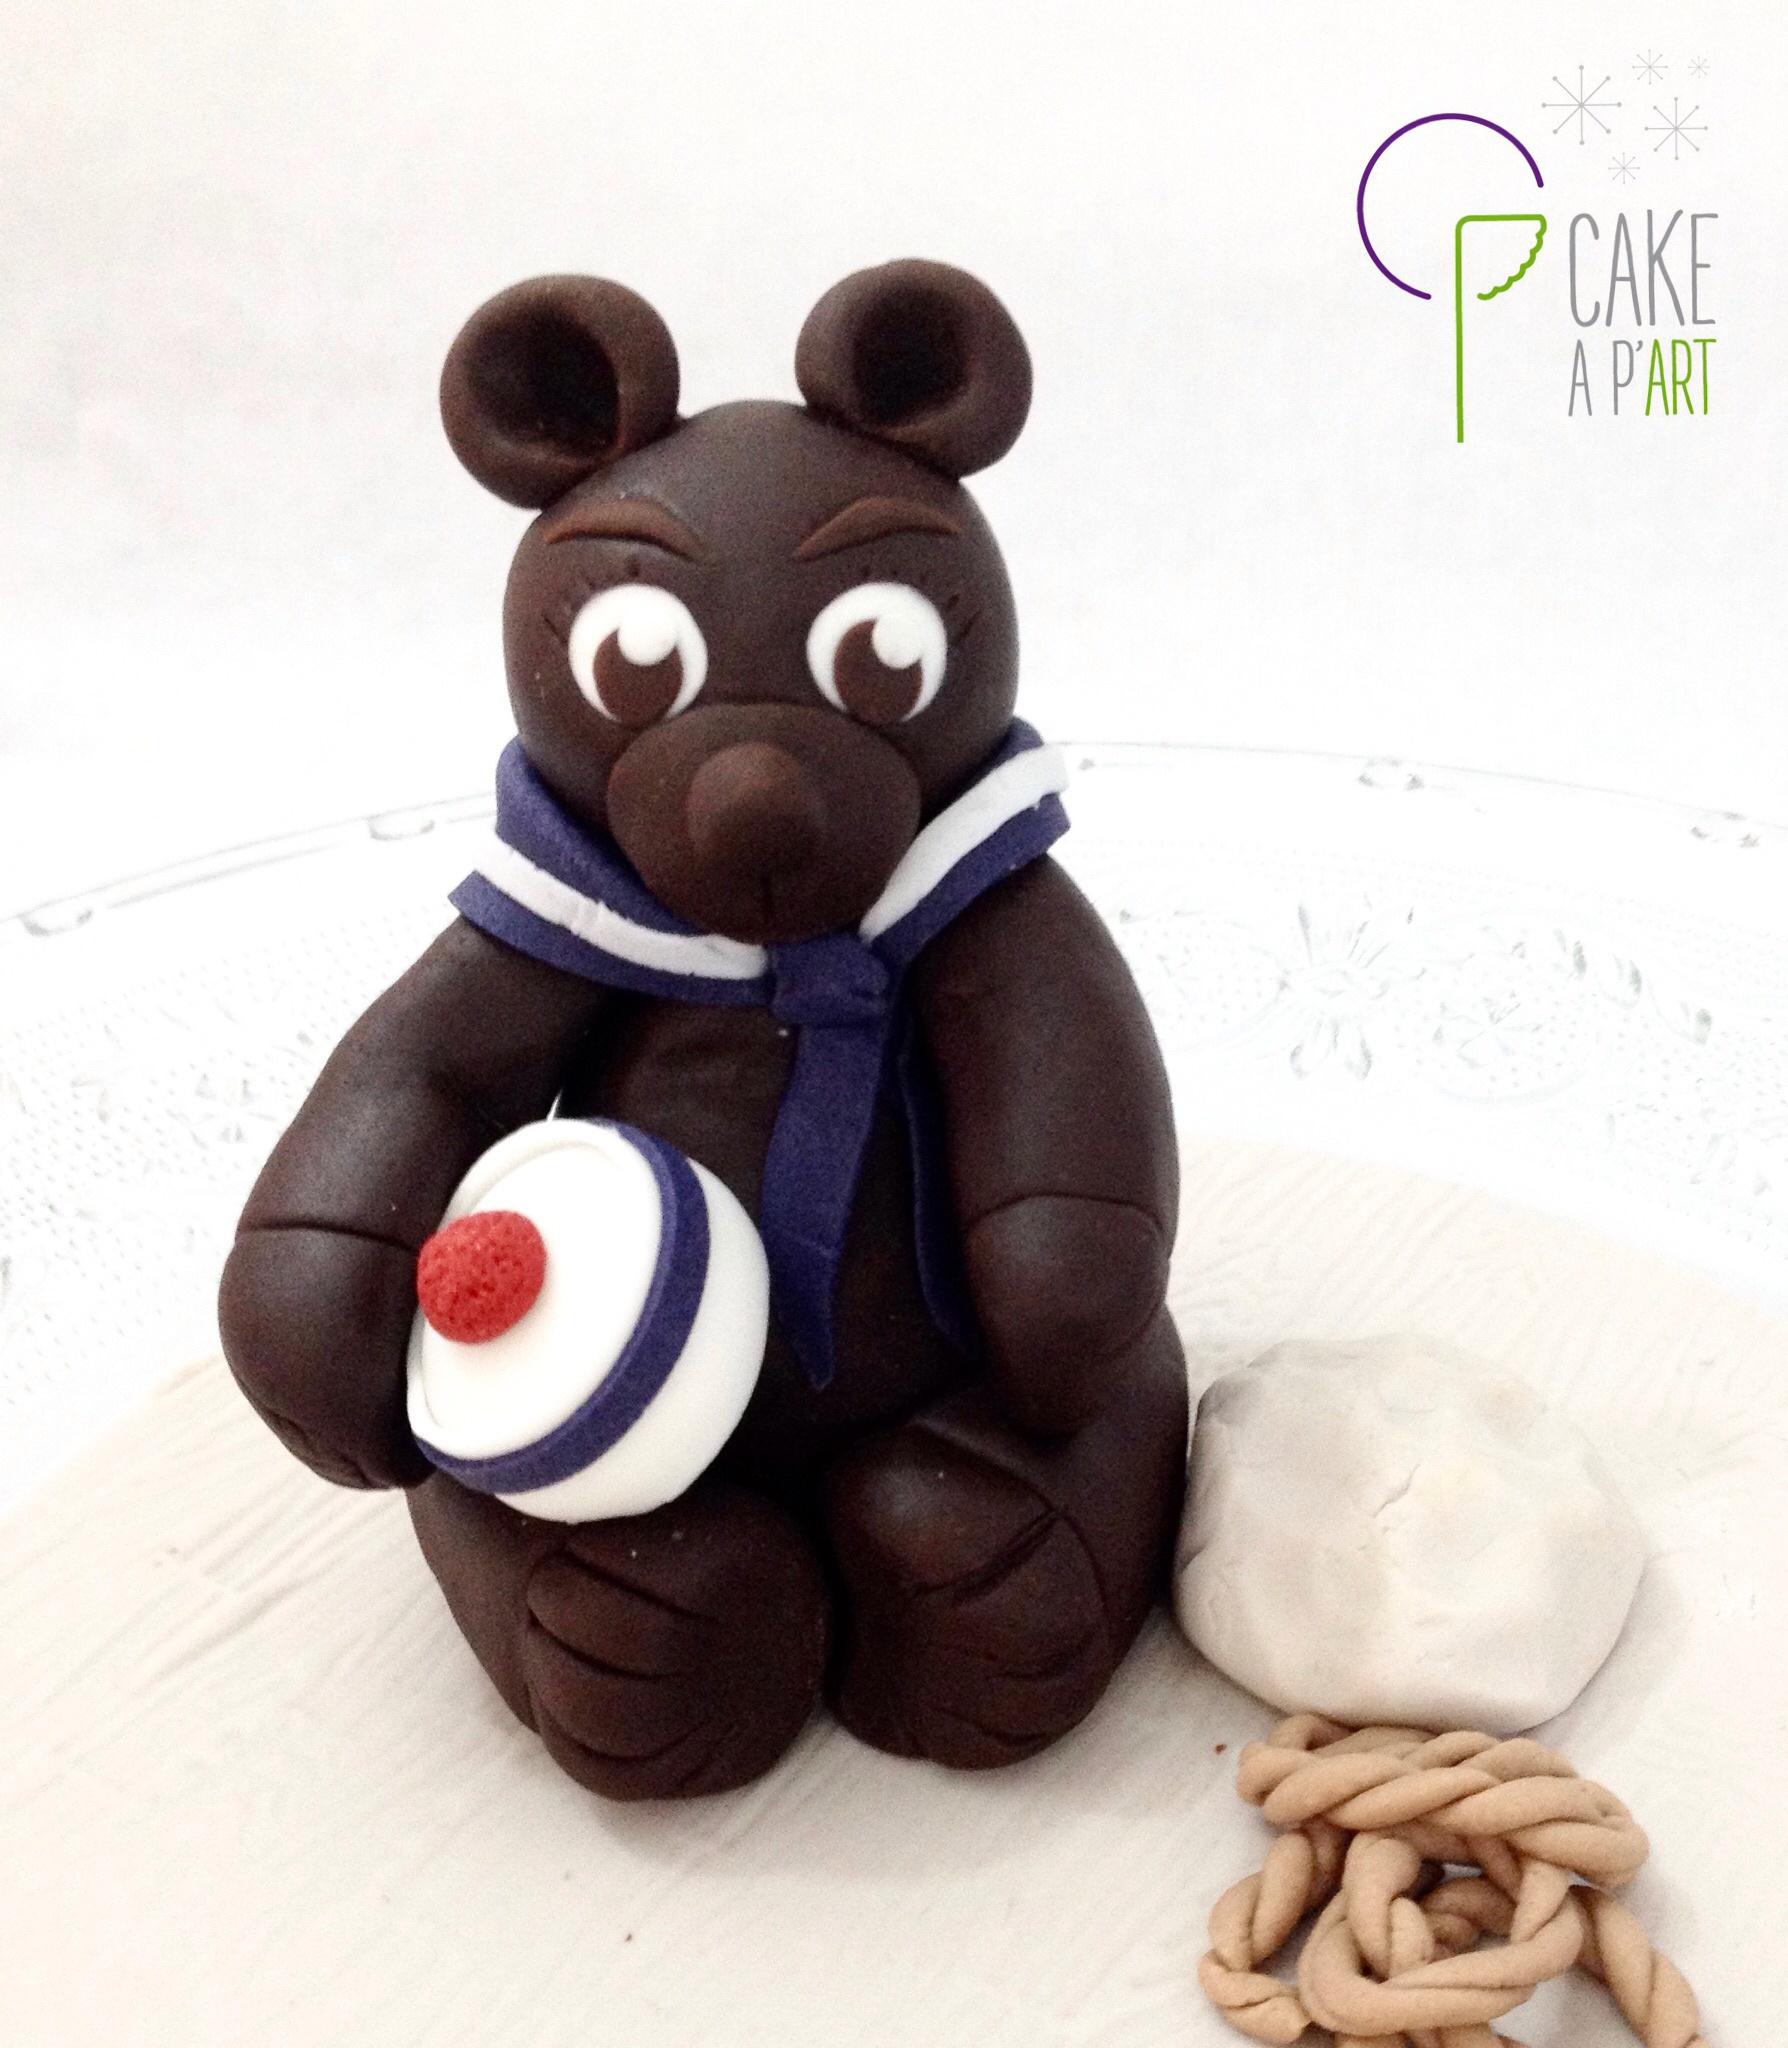 Décor modelage en sucre gâteaux personnalisés - Anniversaire Thème Ourson chocolat